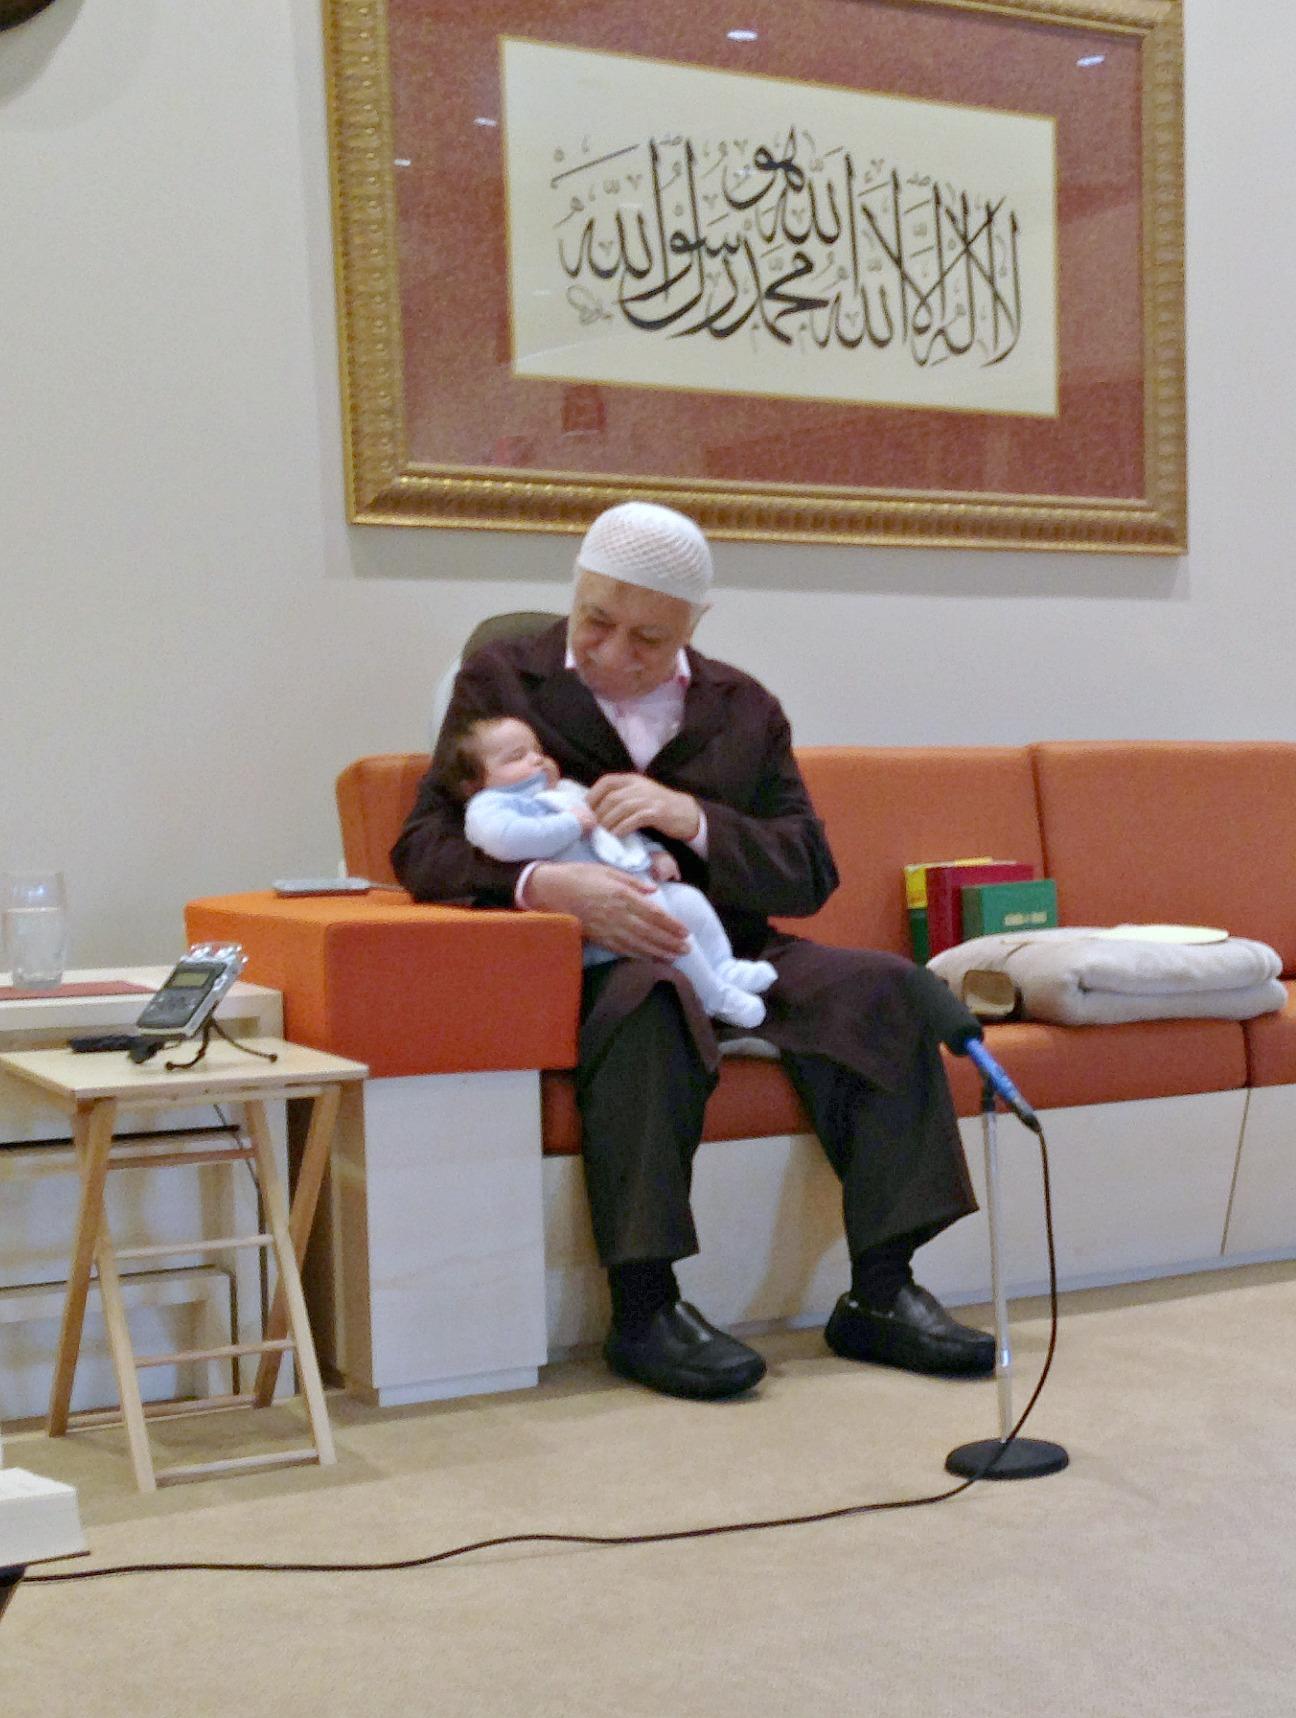 Mustafa Fehmi Okur kardeşimiz de muhterem Fethullah Gülen Hocaefendi'nin duasını almaya gelmişti; muradına erdi